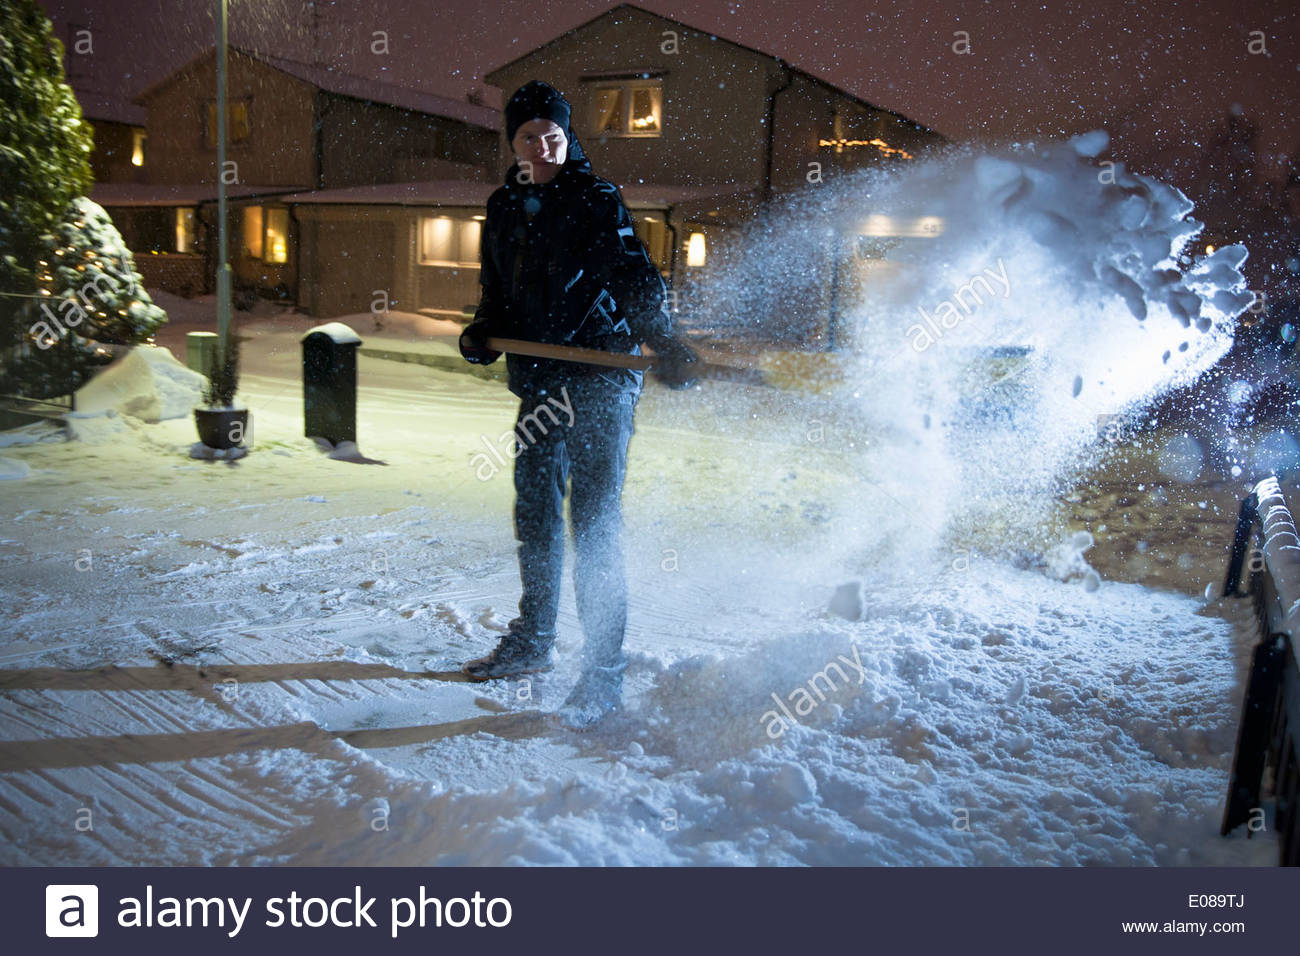 La longueur totale de l'homme l'enlèvement de la neige dans la rue Photo Stock